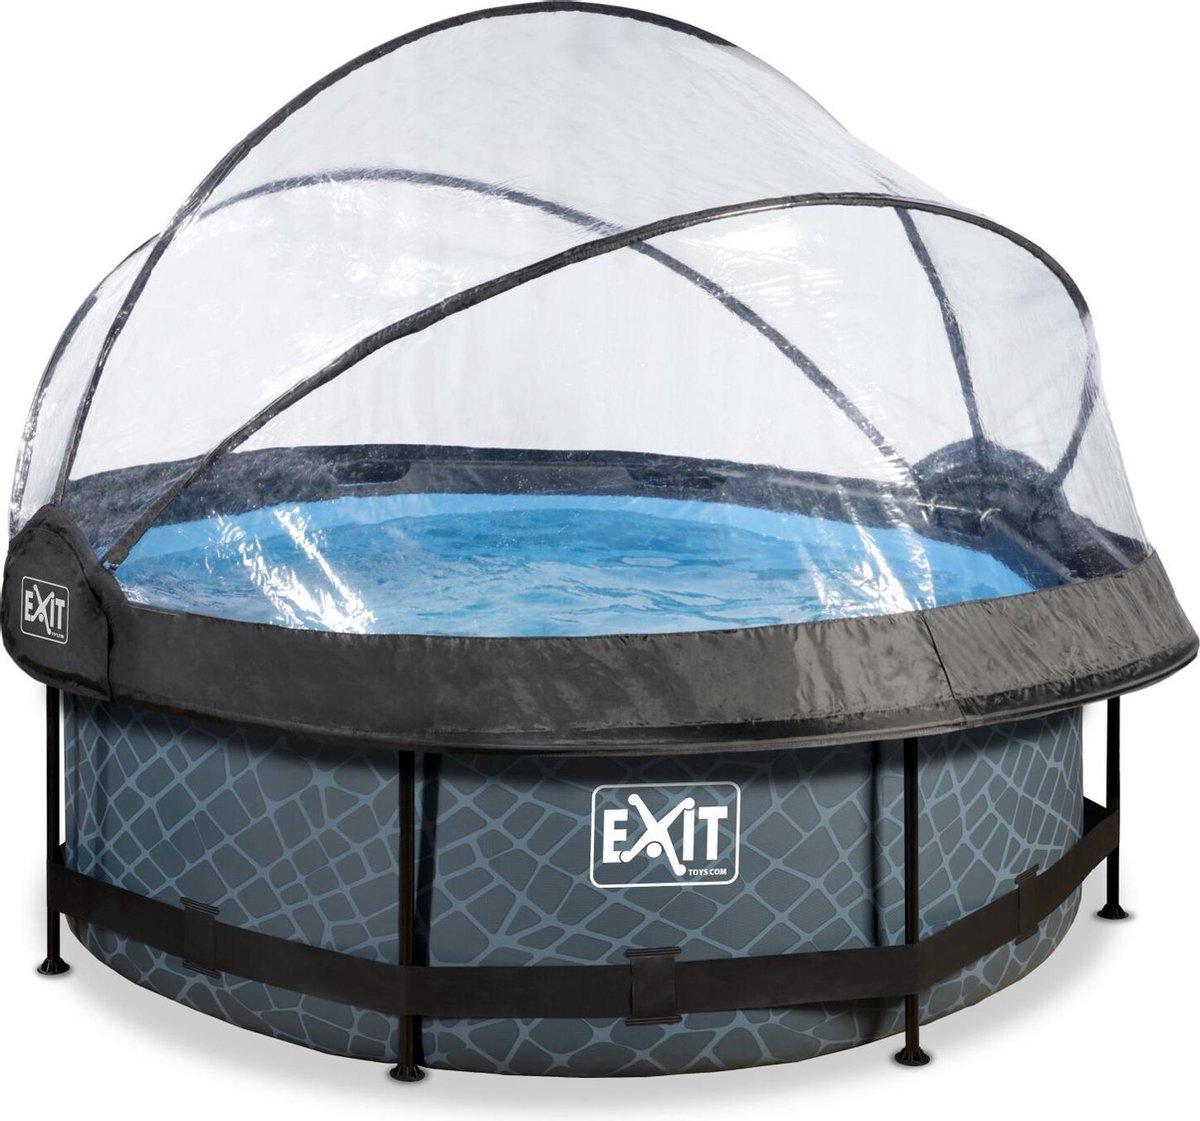 EXIT Stone zwembad ø244x76cm met overkapping en filterpomp - grijs